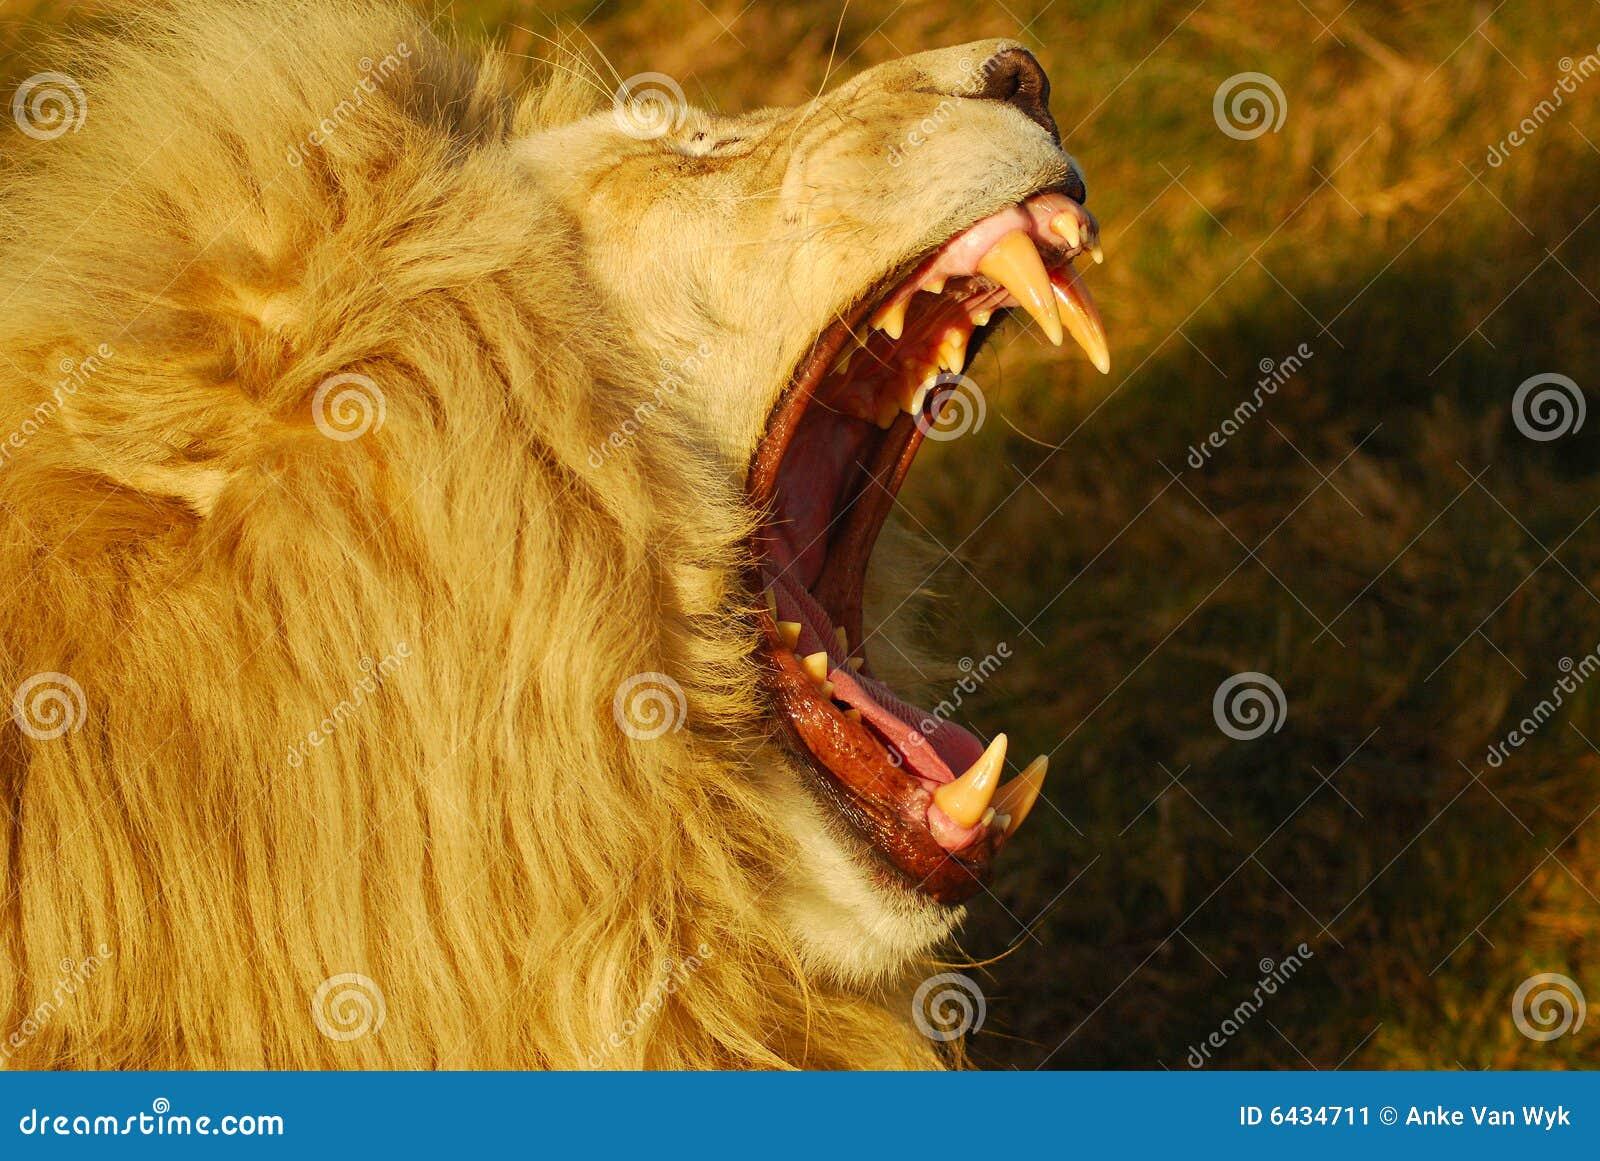 León que ruge